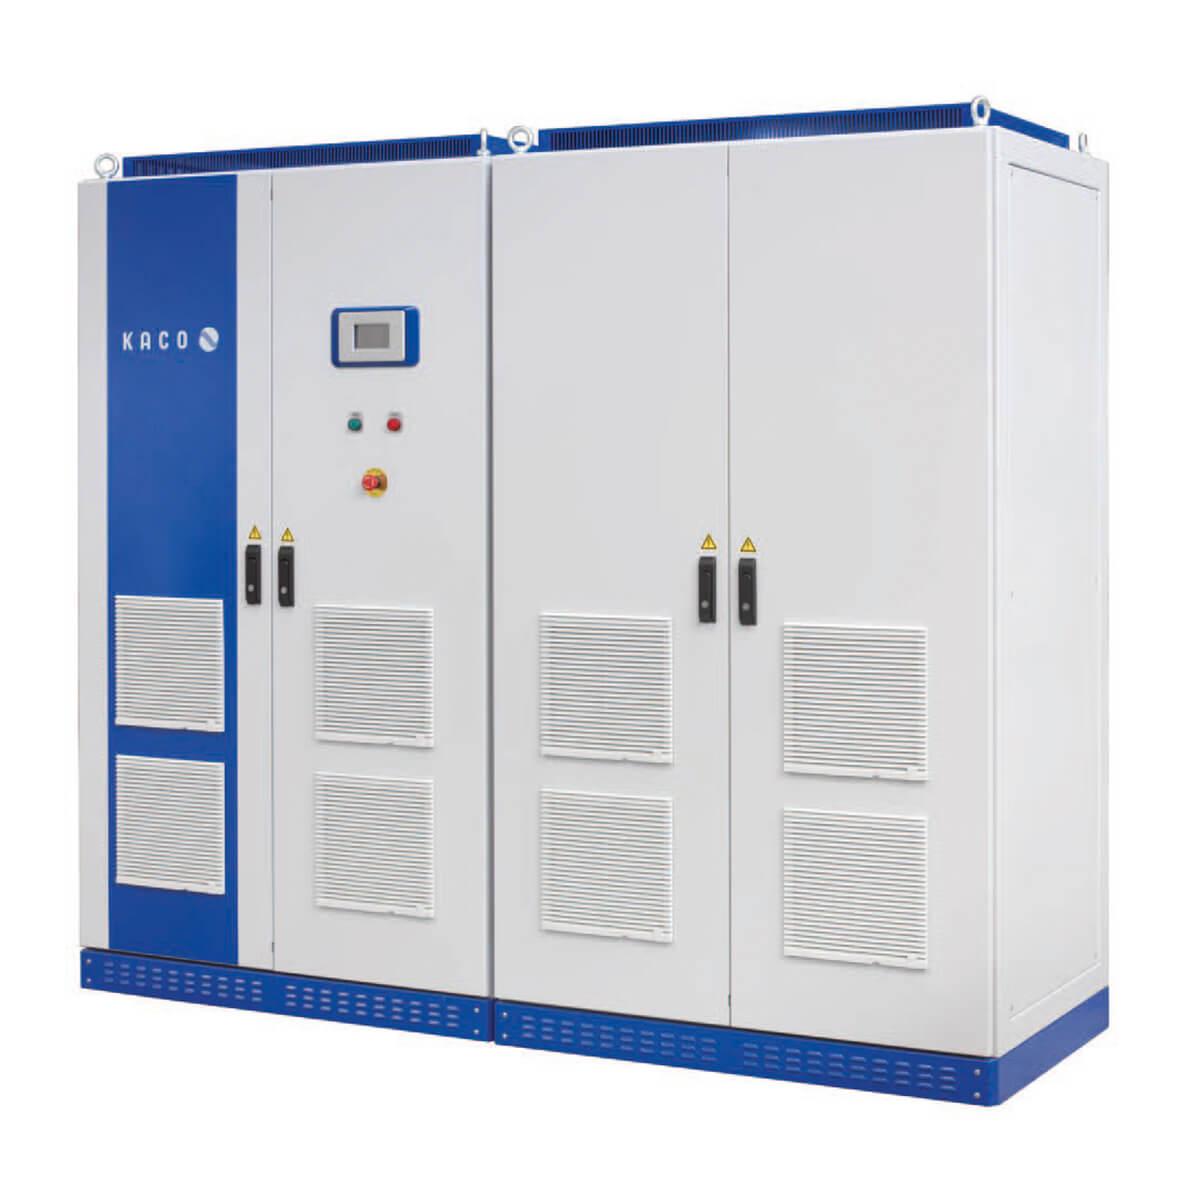 kaco 100kW inverter, kaco powador 100kW inverter, kaco powador xp100hv inverter, kaco powador xp100hv, kaco powador 100 kW, KACO 100 KW